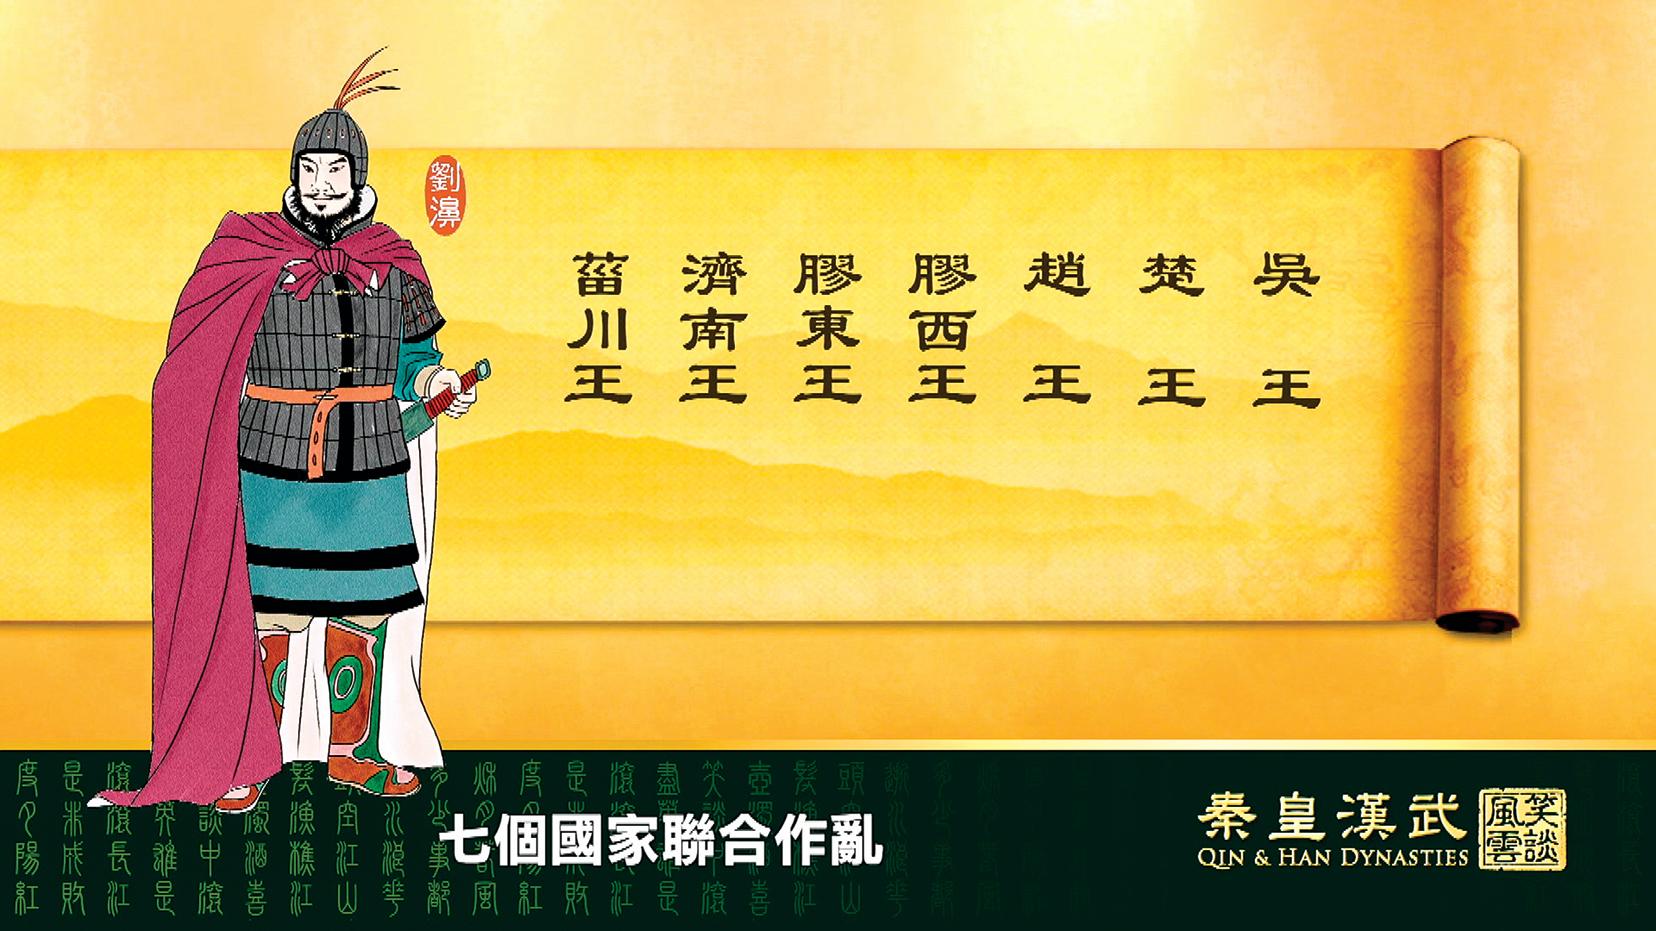 公元前154年(漢景帝三年),以吳王劉濞為中心的七個劉姓宗室諸侯,不滿朝廷實行削藩政策,起兵造反,史稱「七國之亂」。